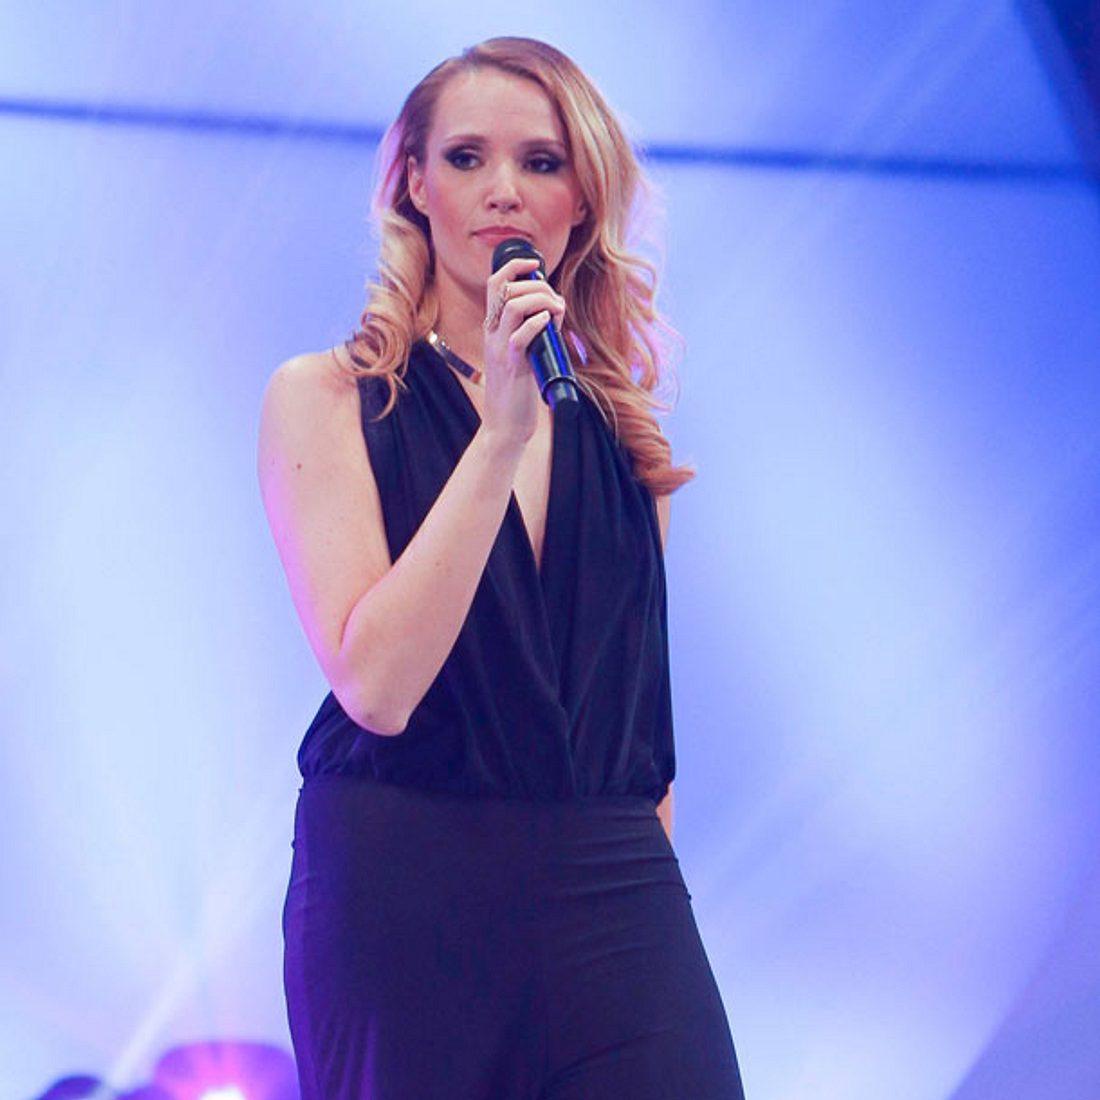 Anna Hofbauer Figur Gewicht zugenommen